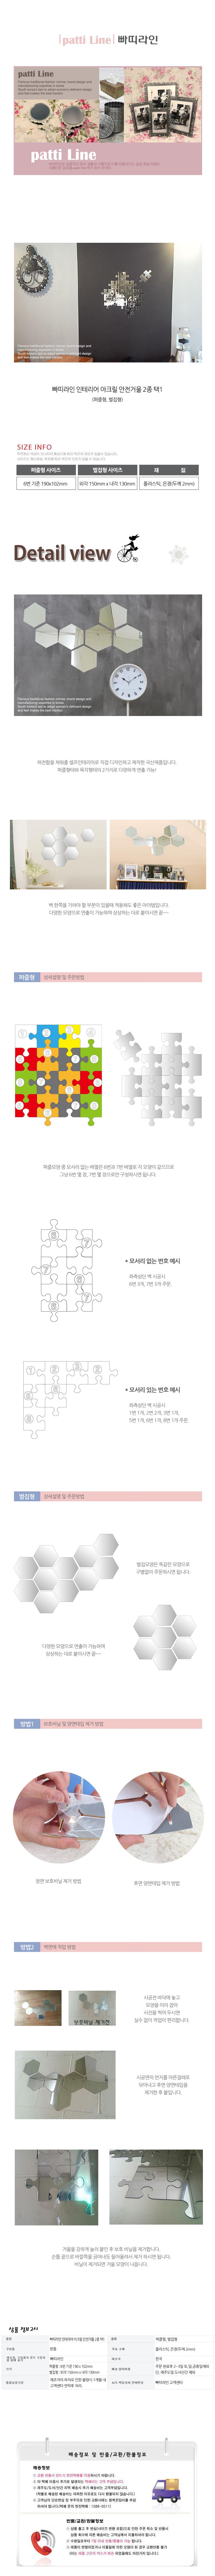 인테리어 아크릴 거울 퍼즐형 벌집형 - 빠띠빠띠, 2,200원, 거울, 벽걸이거울